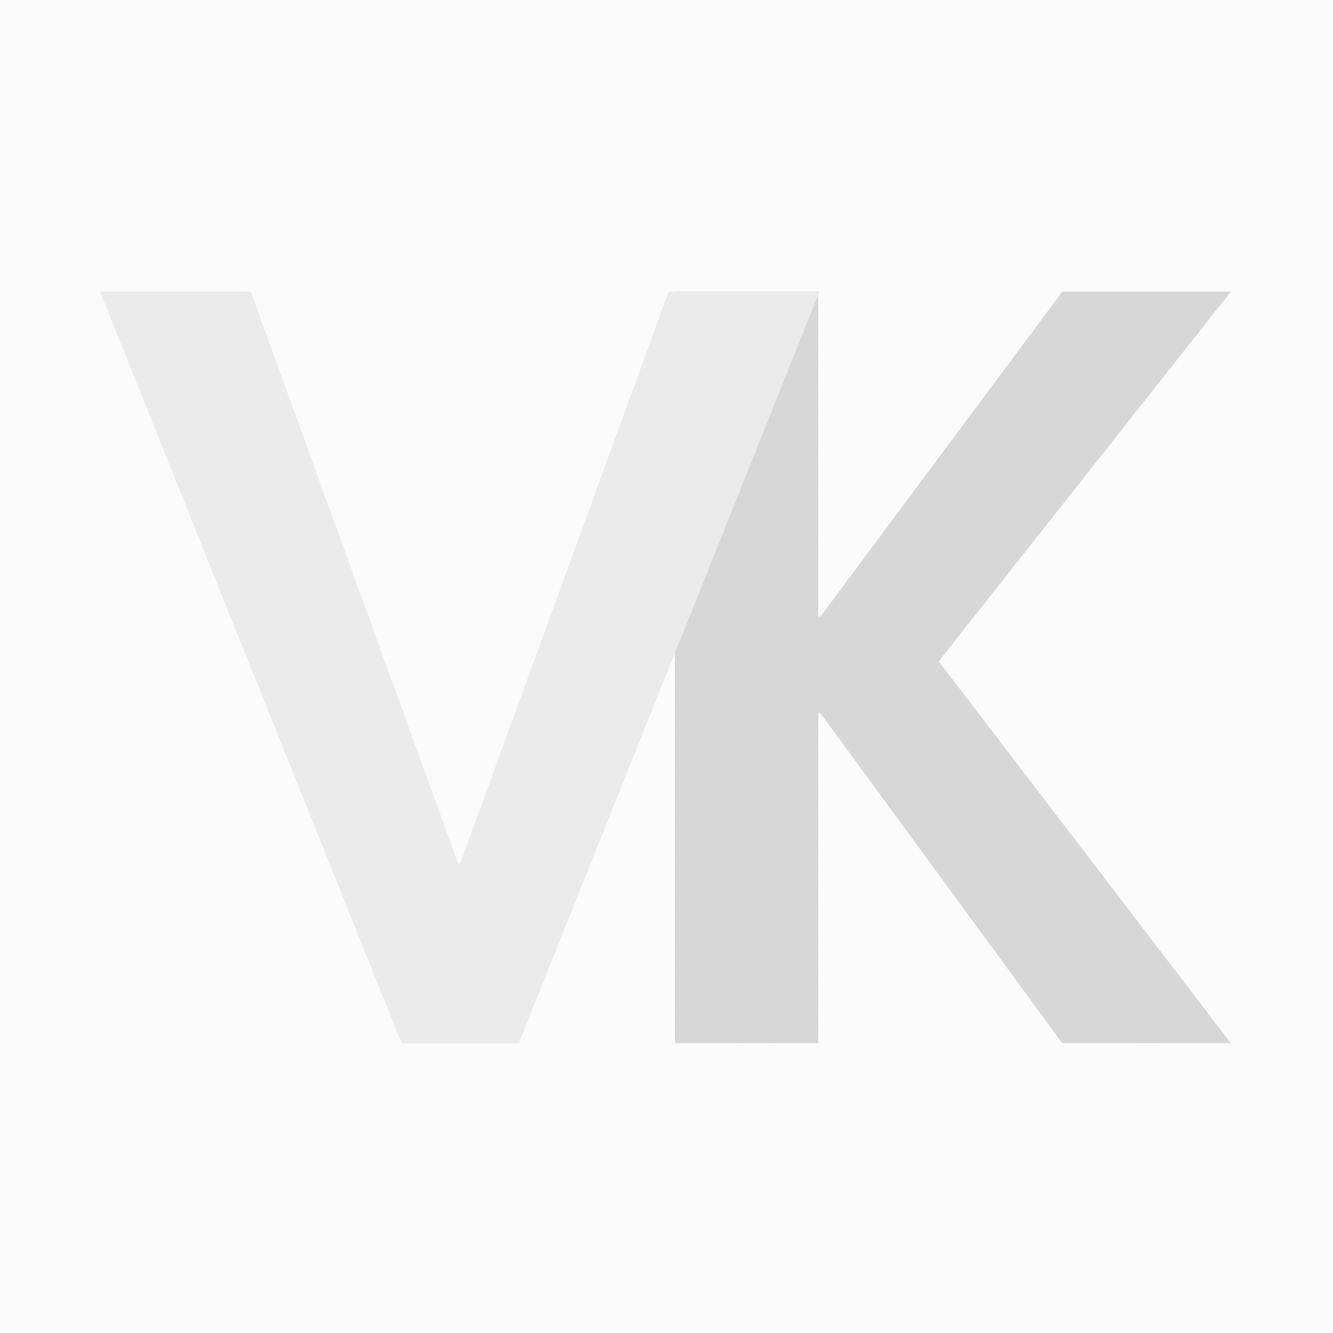 Erbe Solingen Scheerapparaat 13,5cm inclusief 2 mesjes